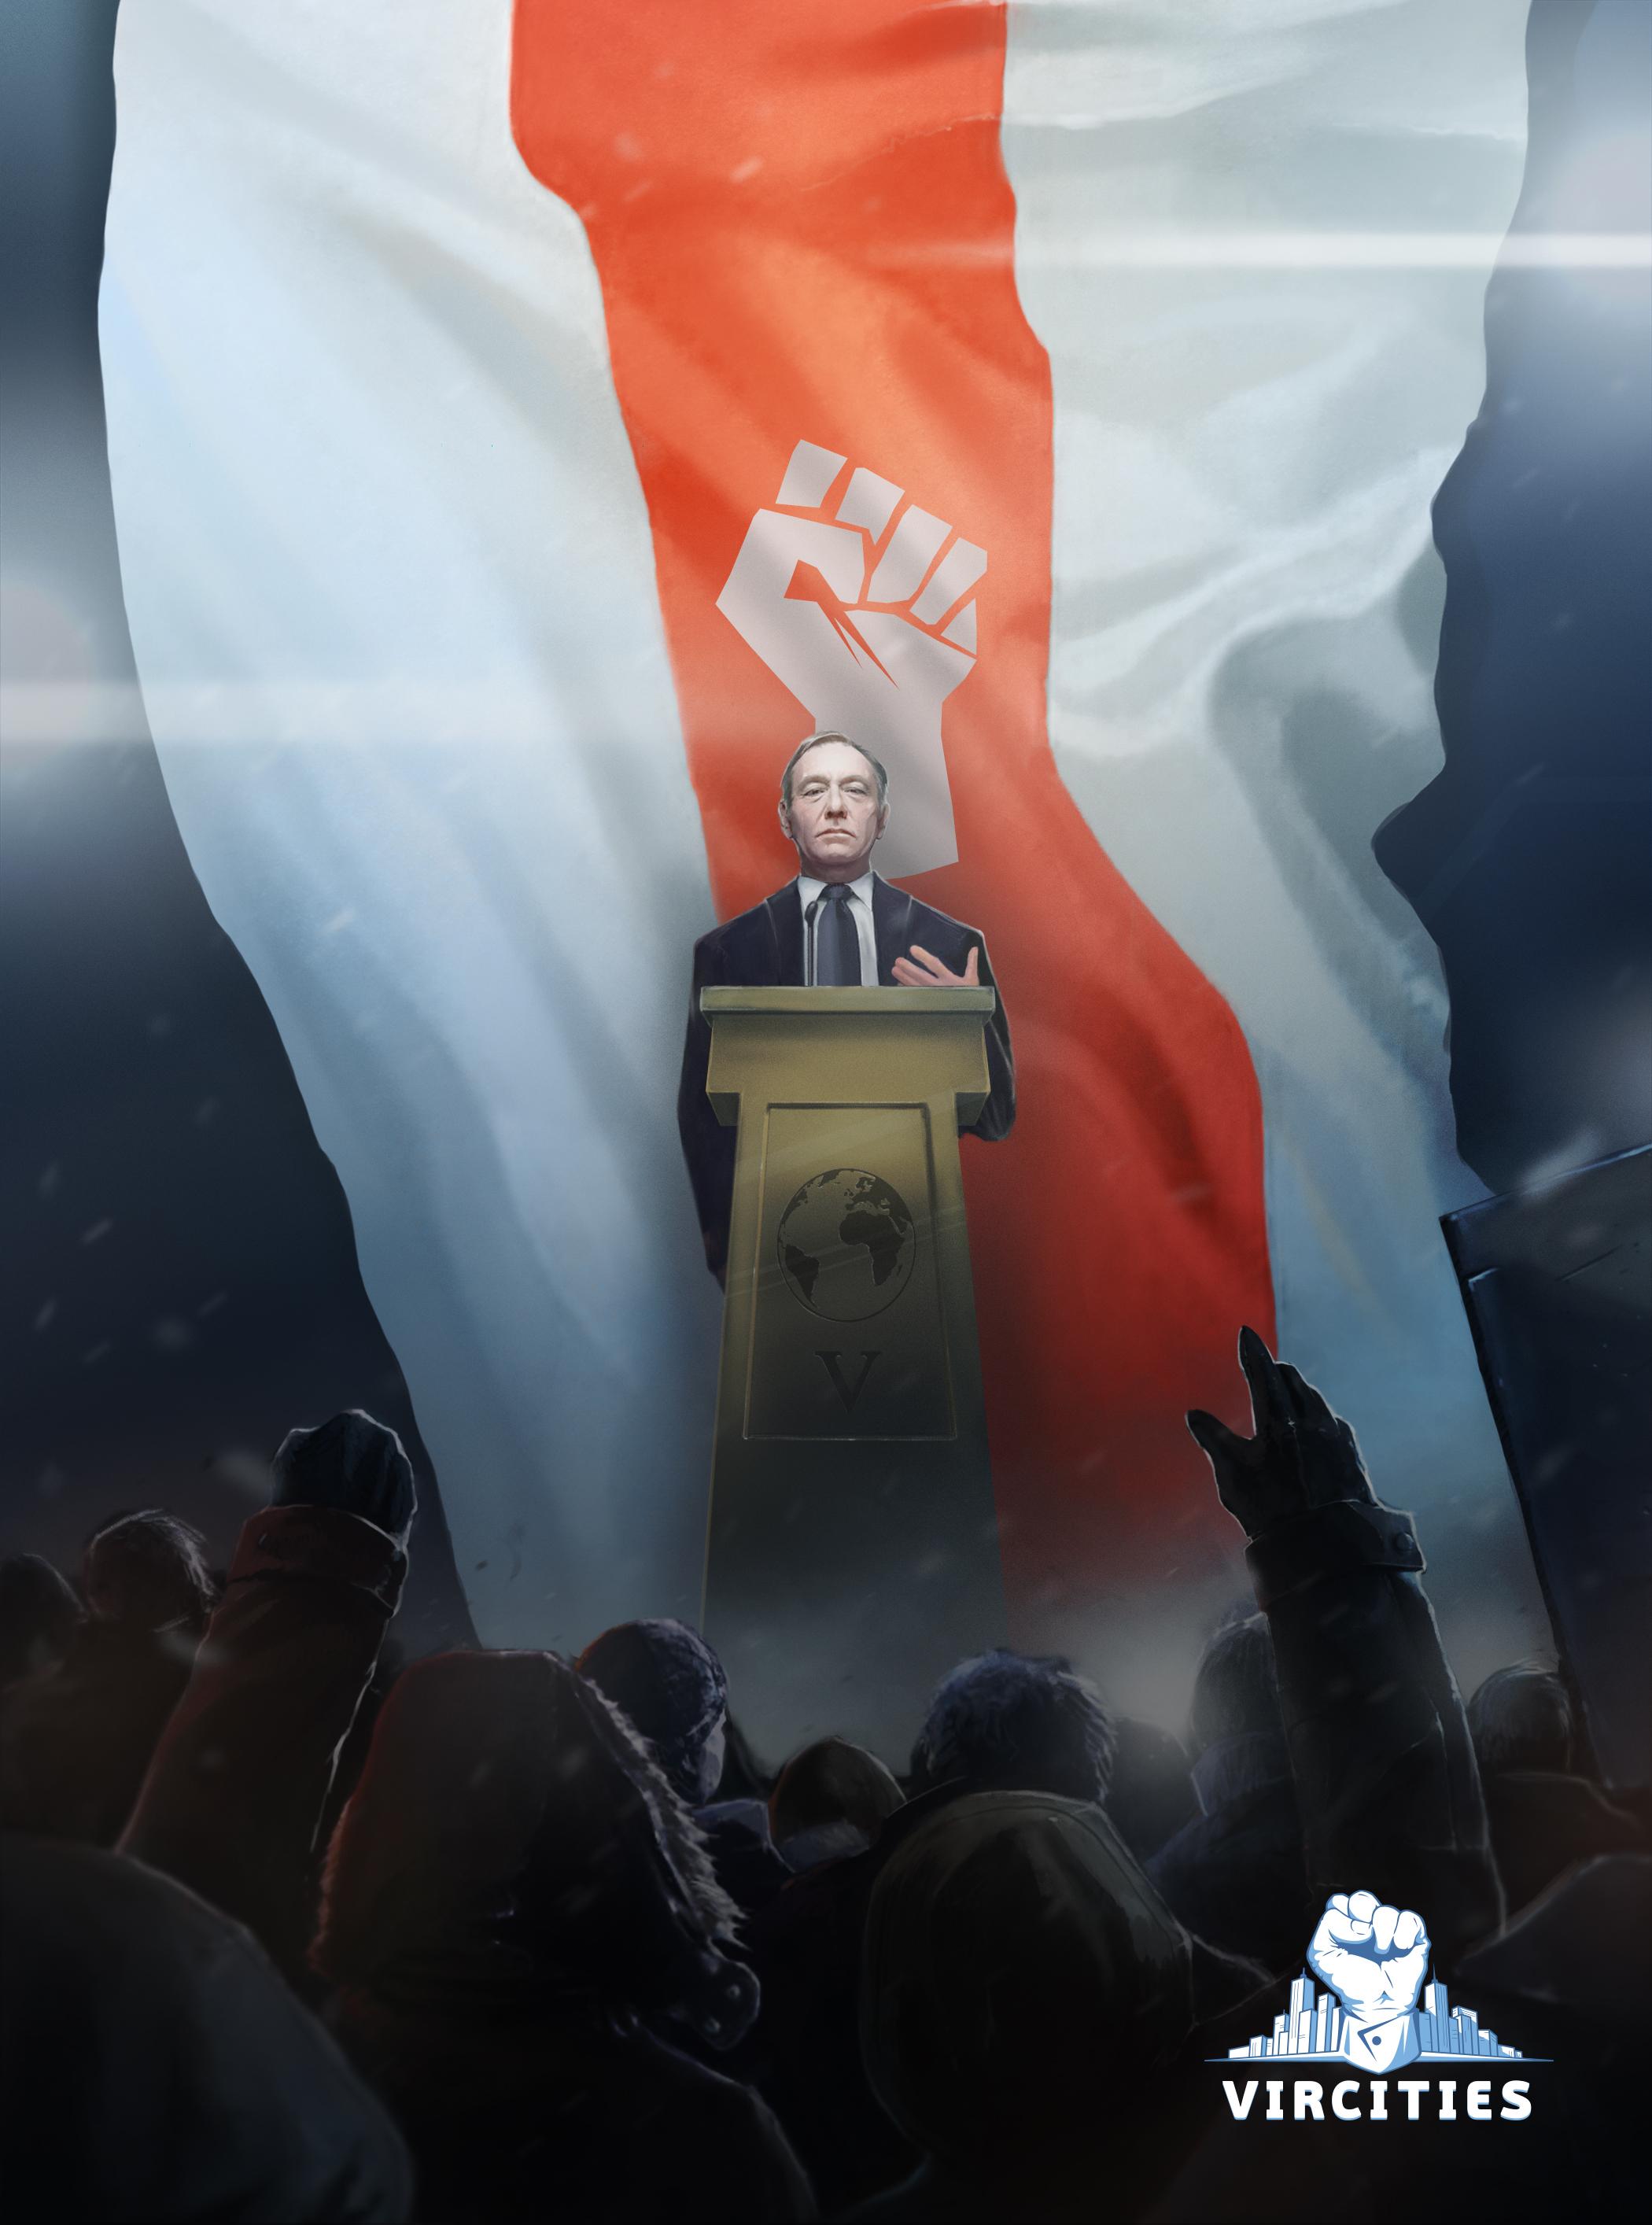 Мобильная политическая стратегия VirCities научит поляков и русских управлять политикой